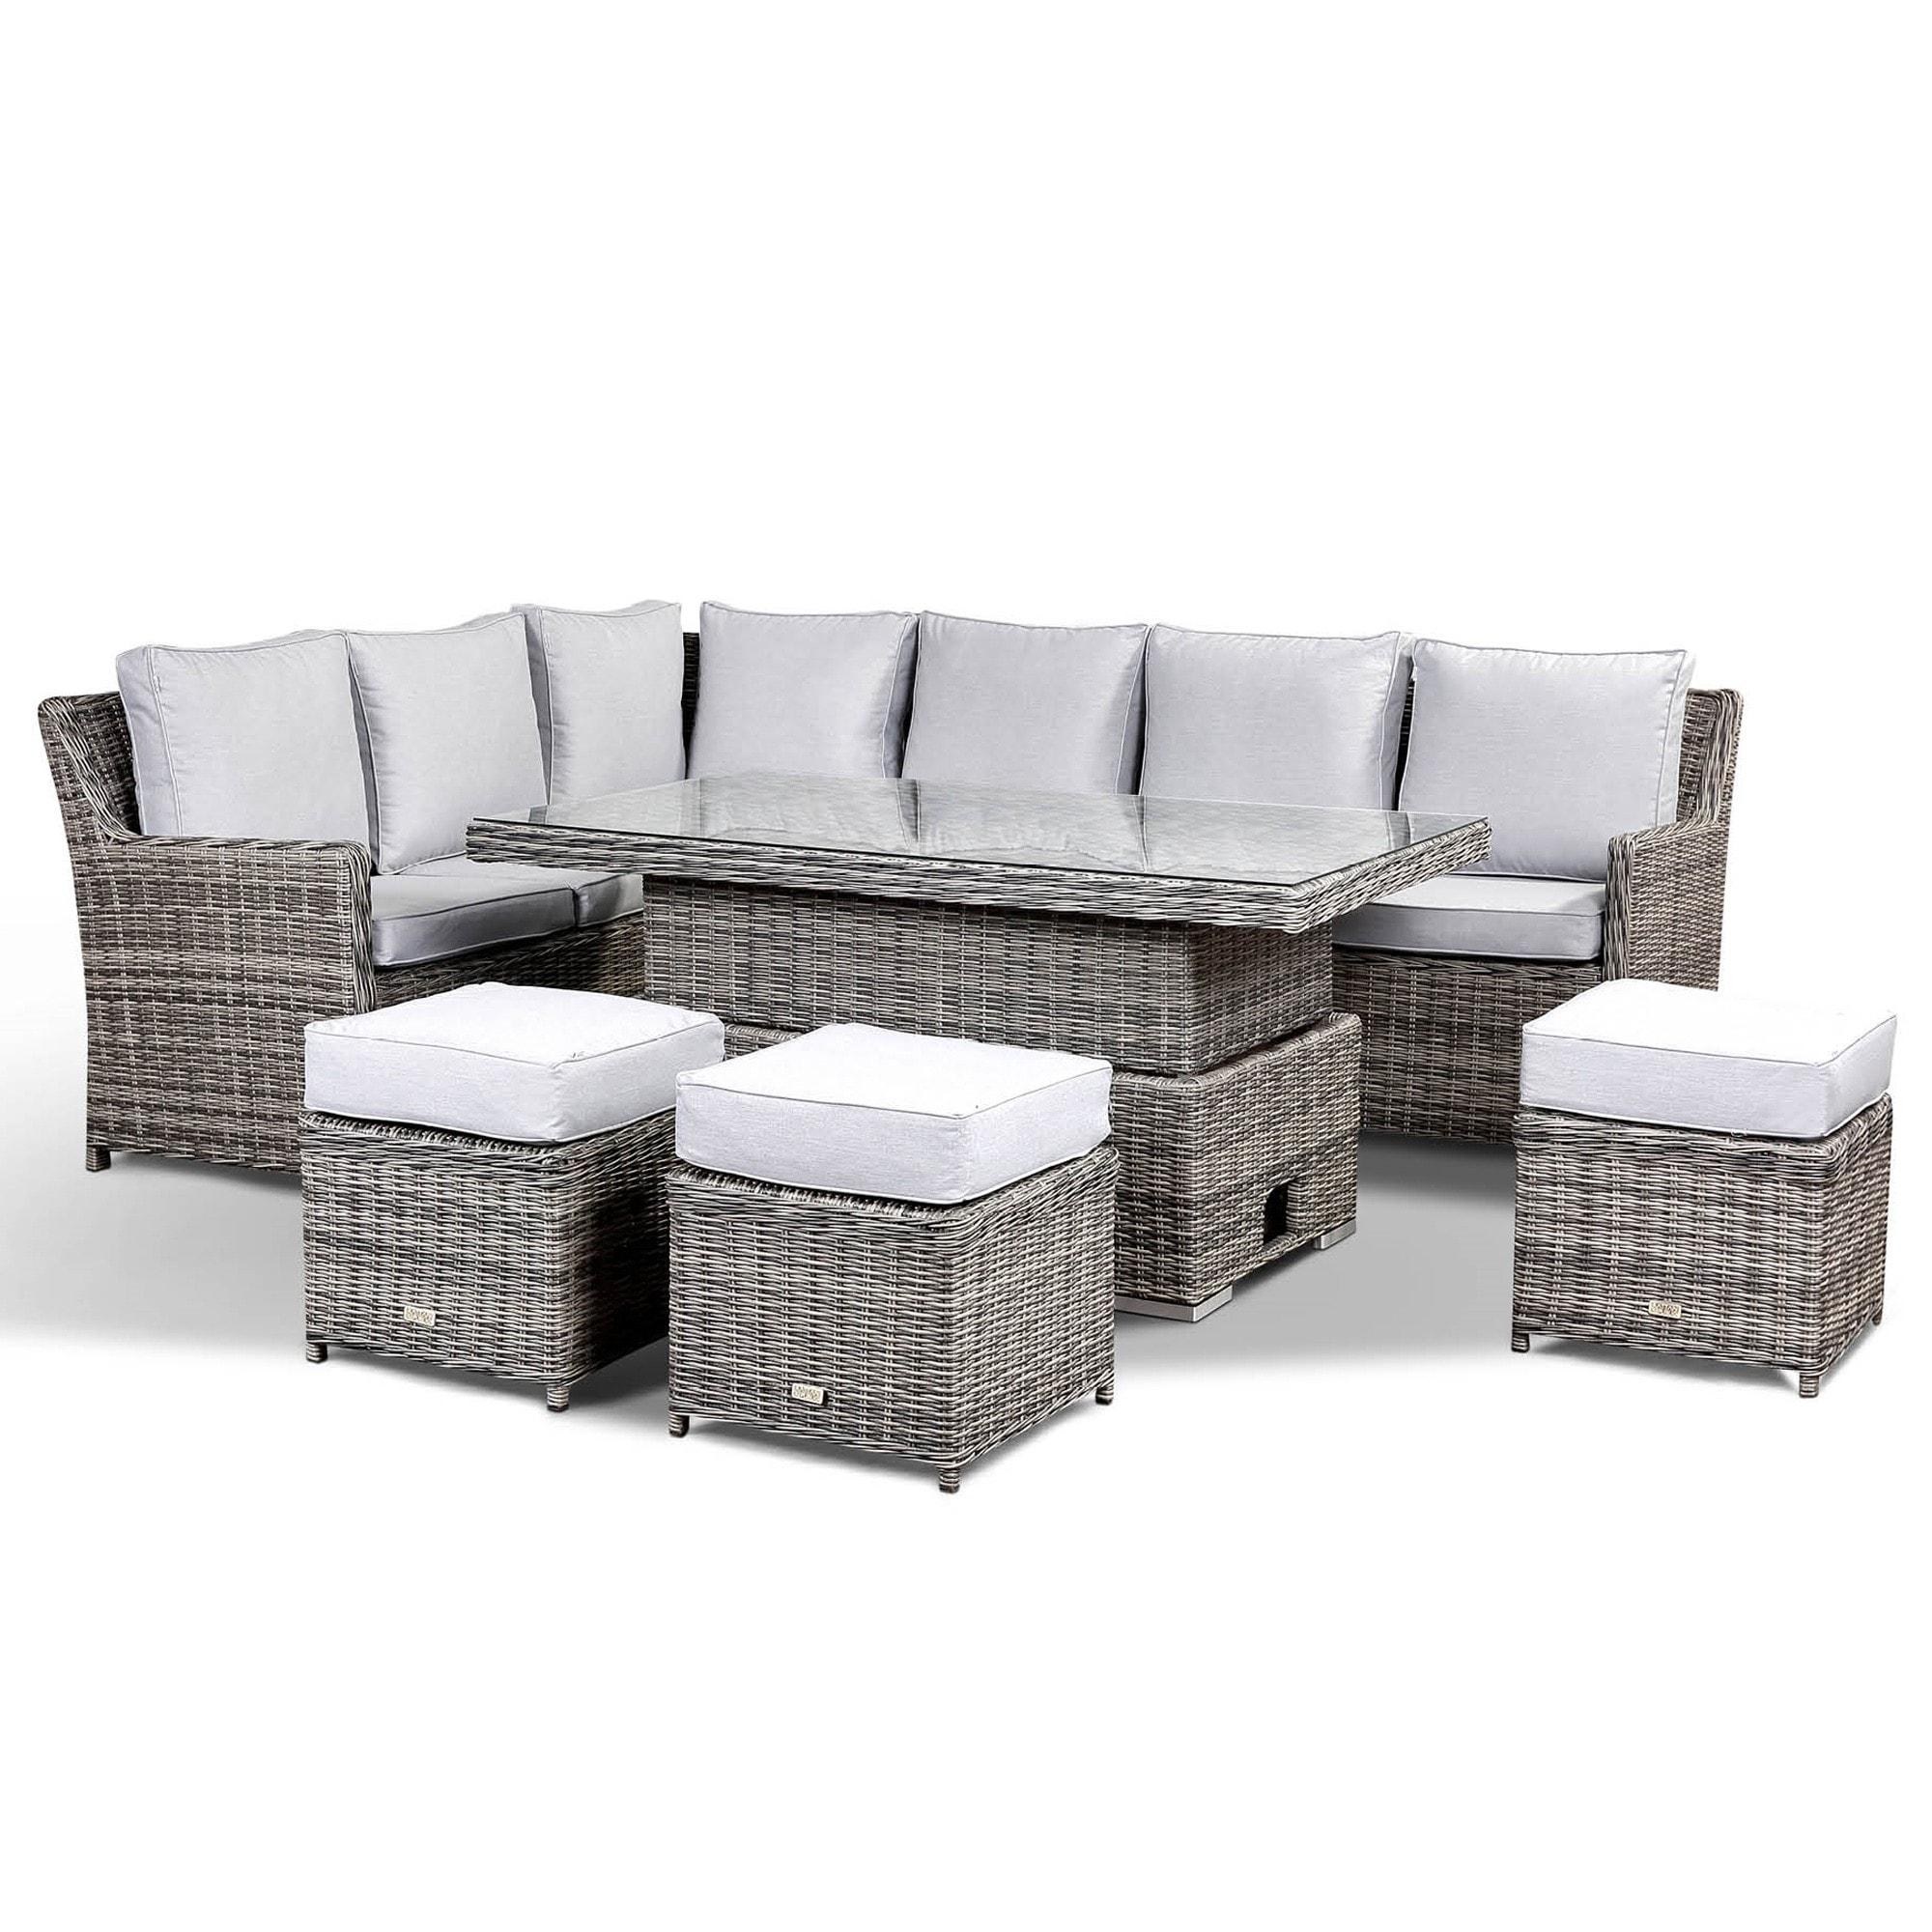 Imola 9 Seat Grey Rattan Garden Set